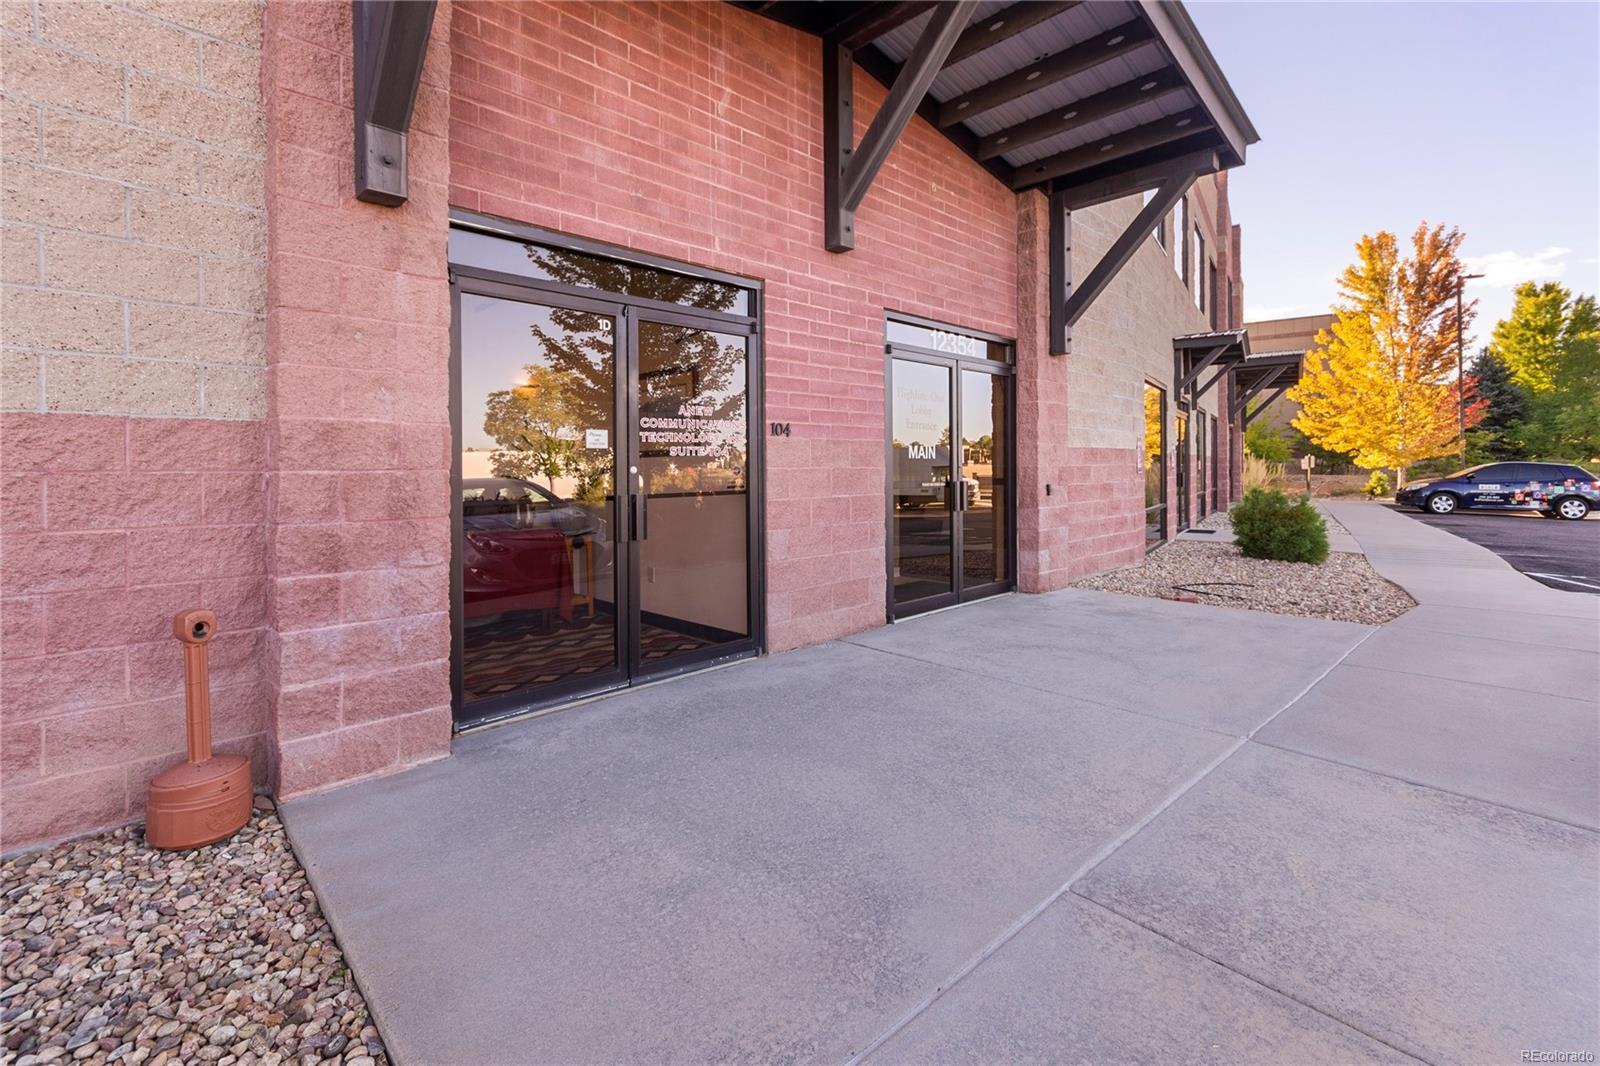 12354 E Caley Avenue #1D, Centennial, CO 80111 - Centennial, CO real estate listing